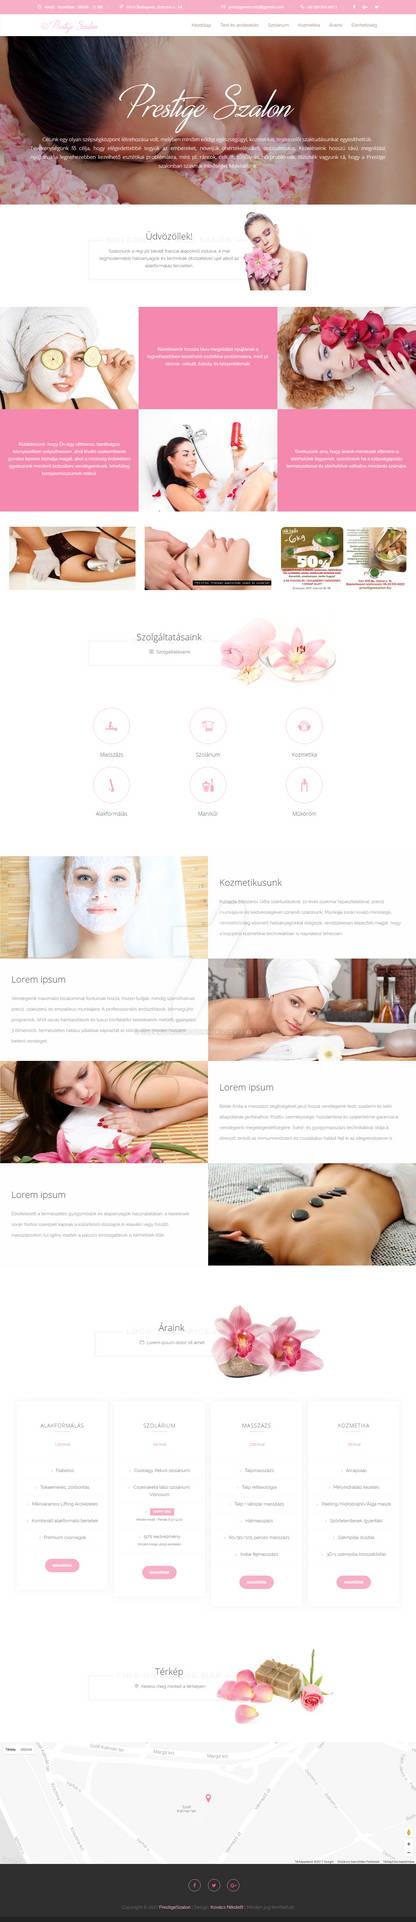 Beauty Salon Design Concept